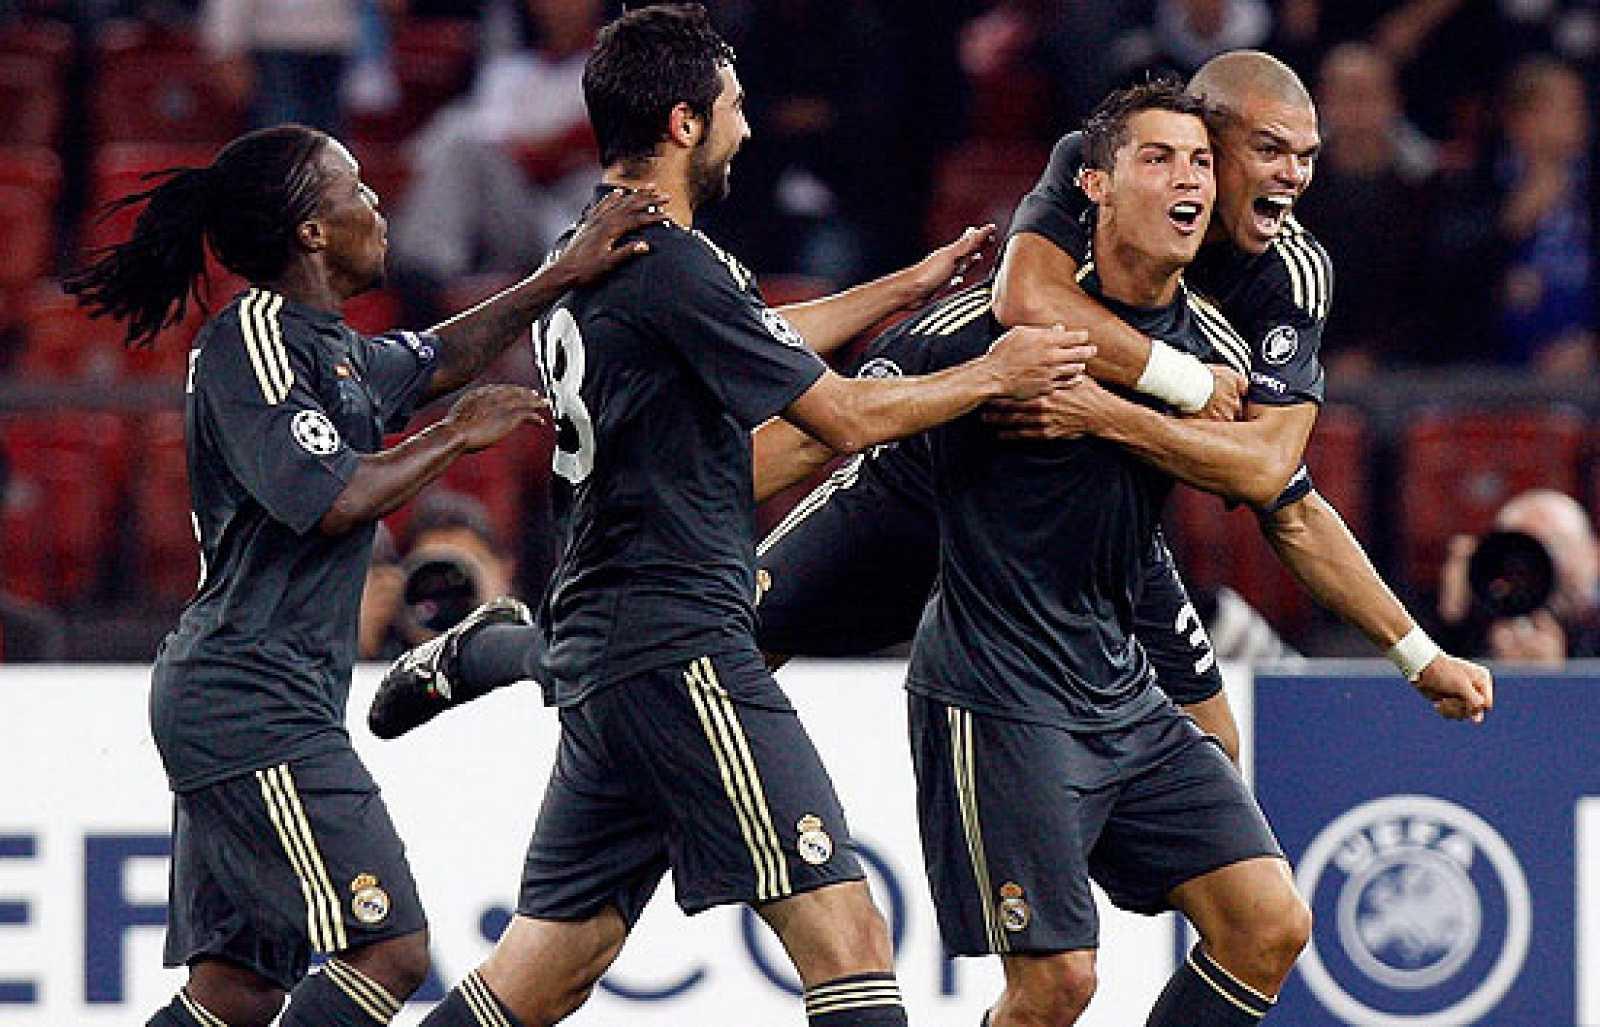 El Madrid ganó 2-5 en su debut en Liga de Campeones ante el Zúrich. El gran protagonista de la noche fue Cristiano Ronaldo, que anotó dos tantos de falta. Raúl, Higuaín y Guti completaron la goleada.